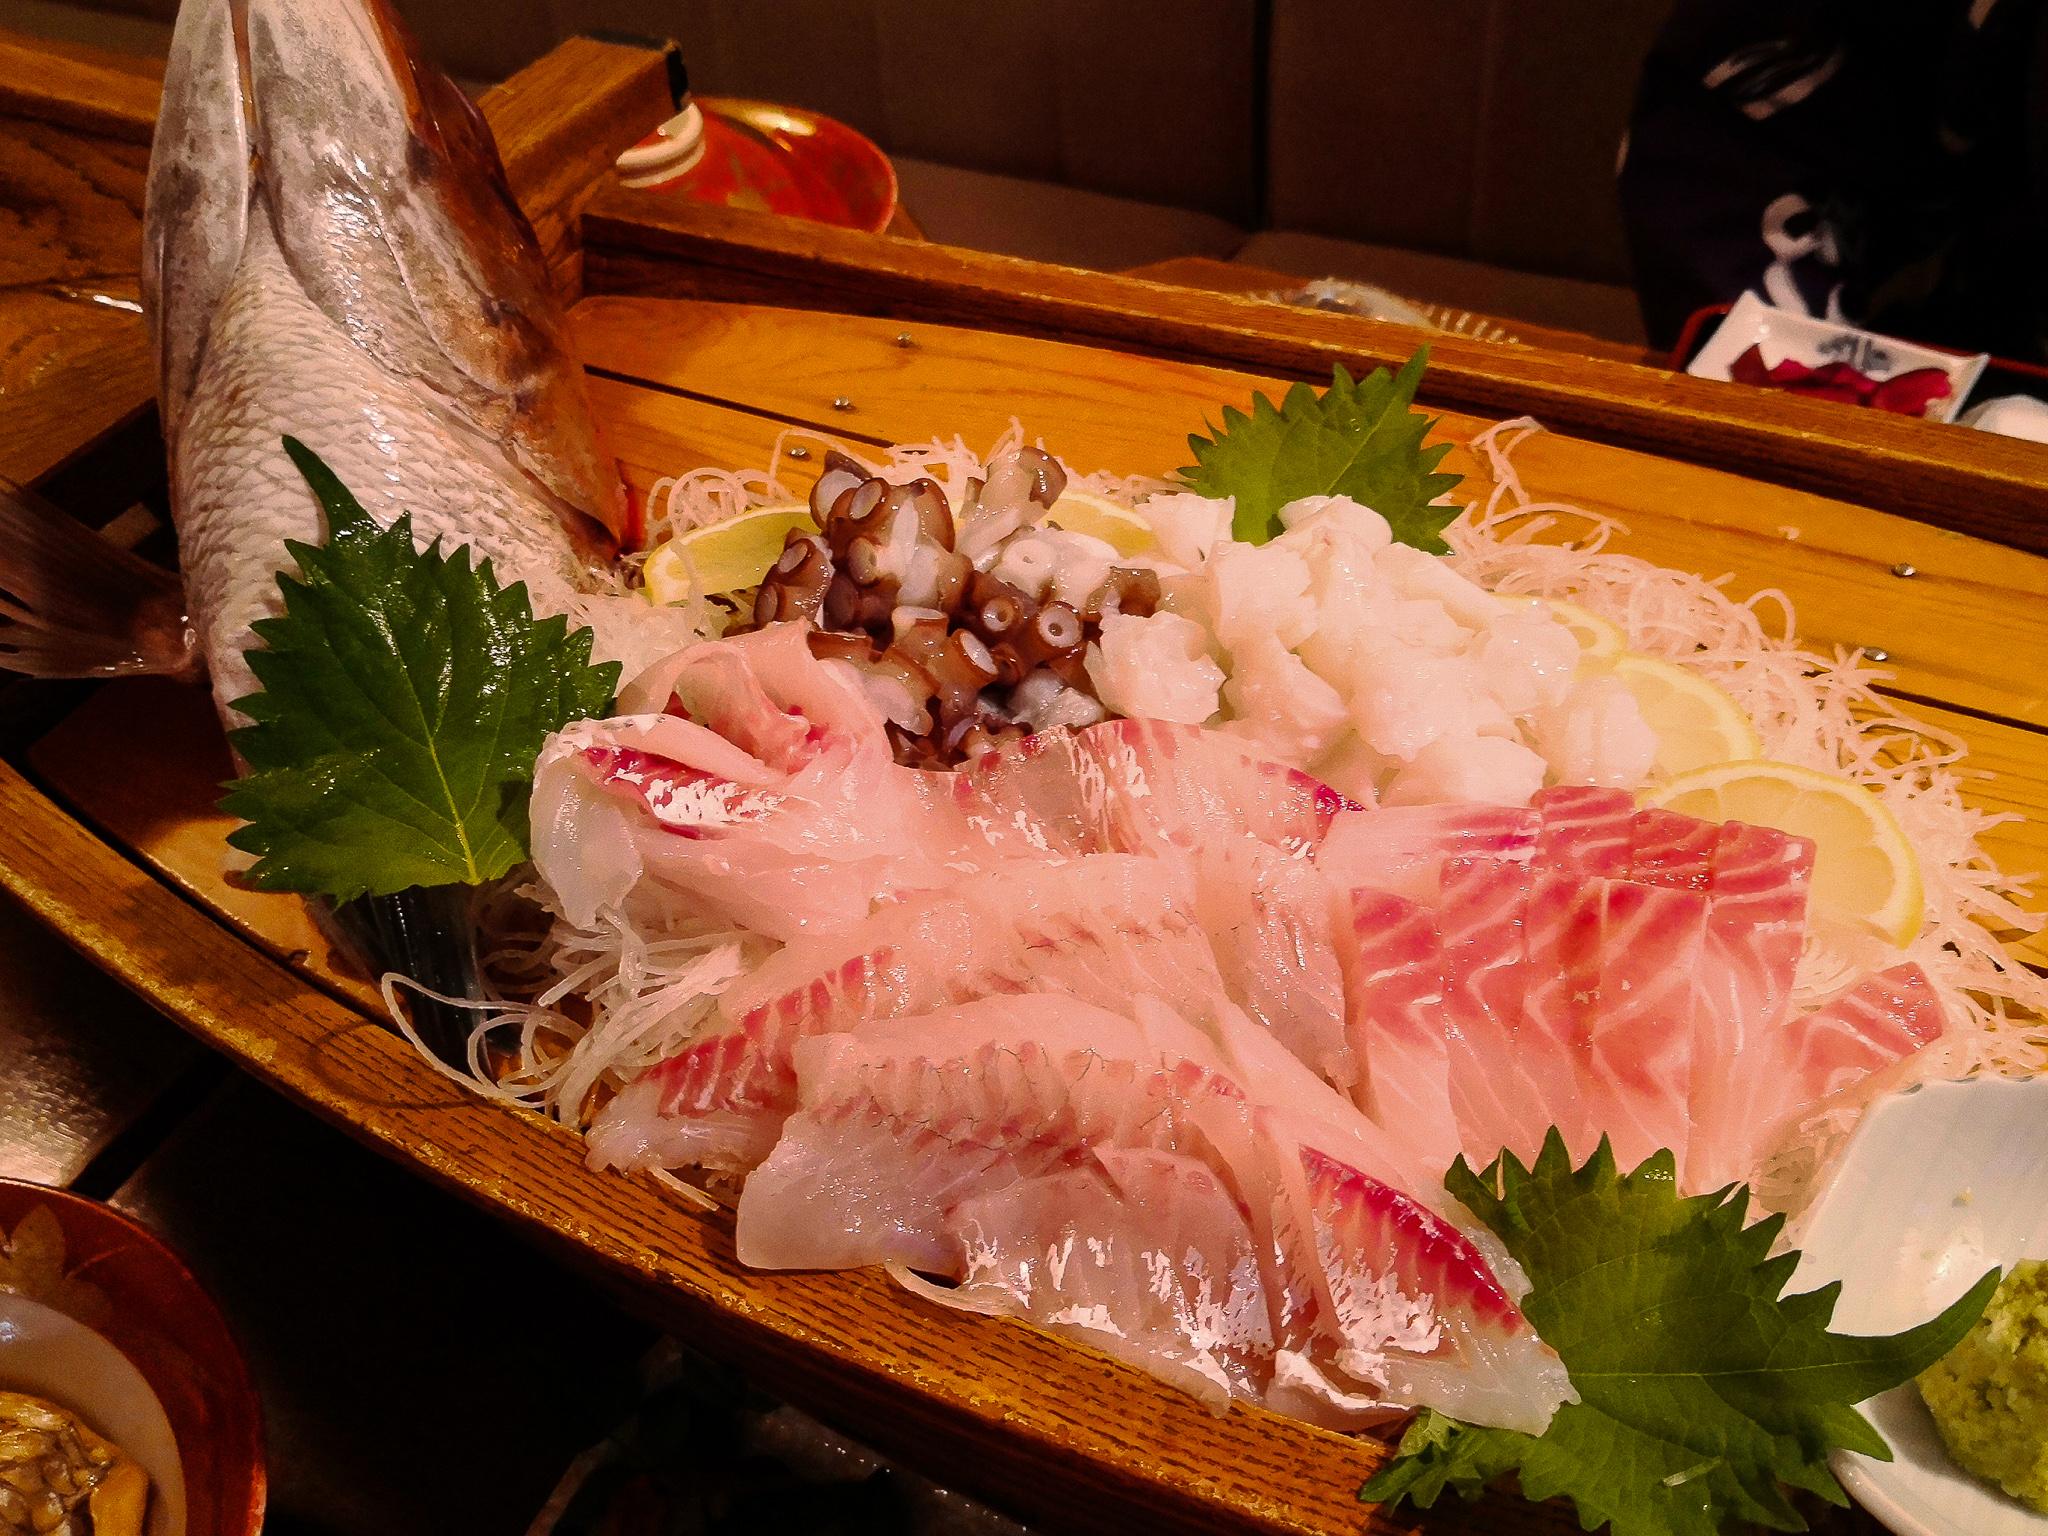 離島 神島で泊まるべき場所は間違えなく「旅館 山海壮」。新鮮な魚をたらふく食えて、ぐっすり眠れる。